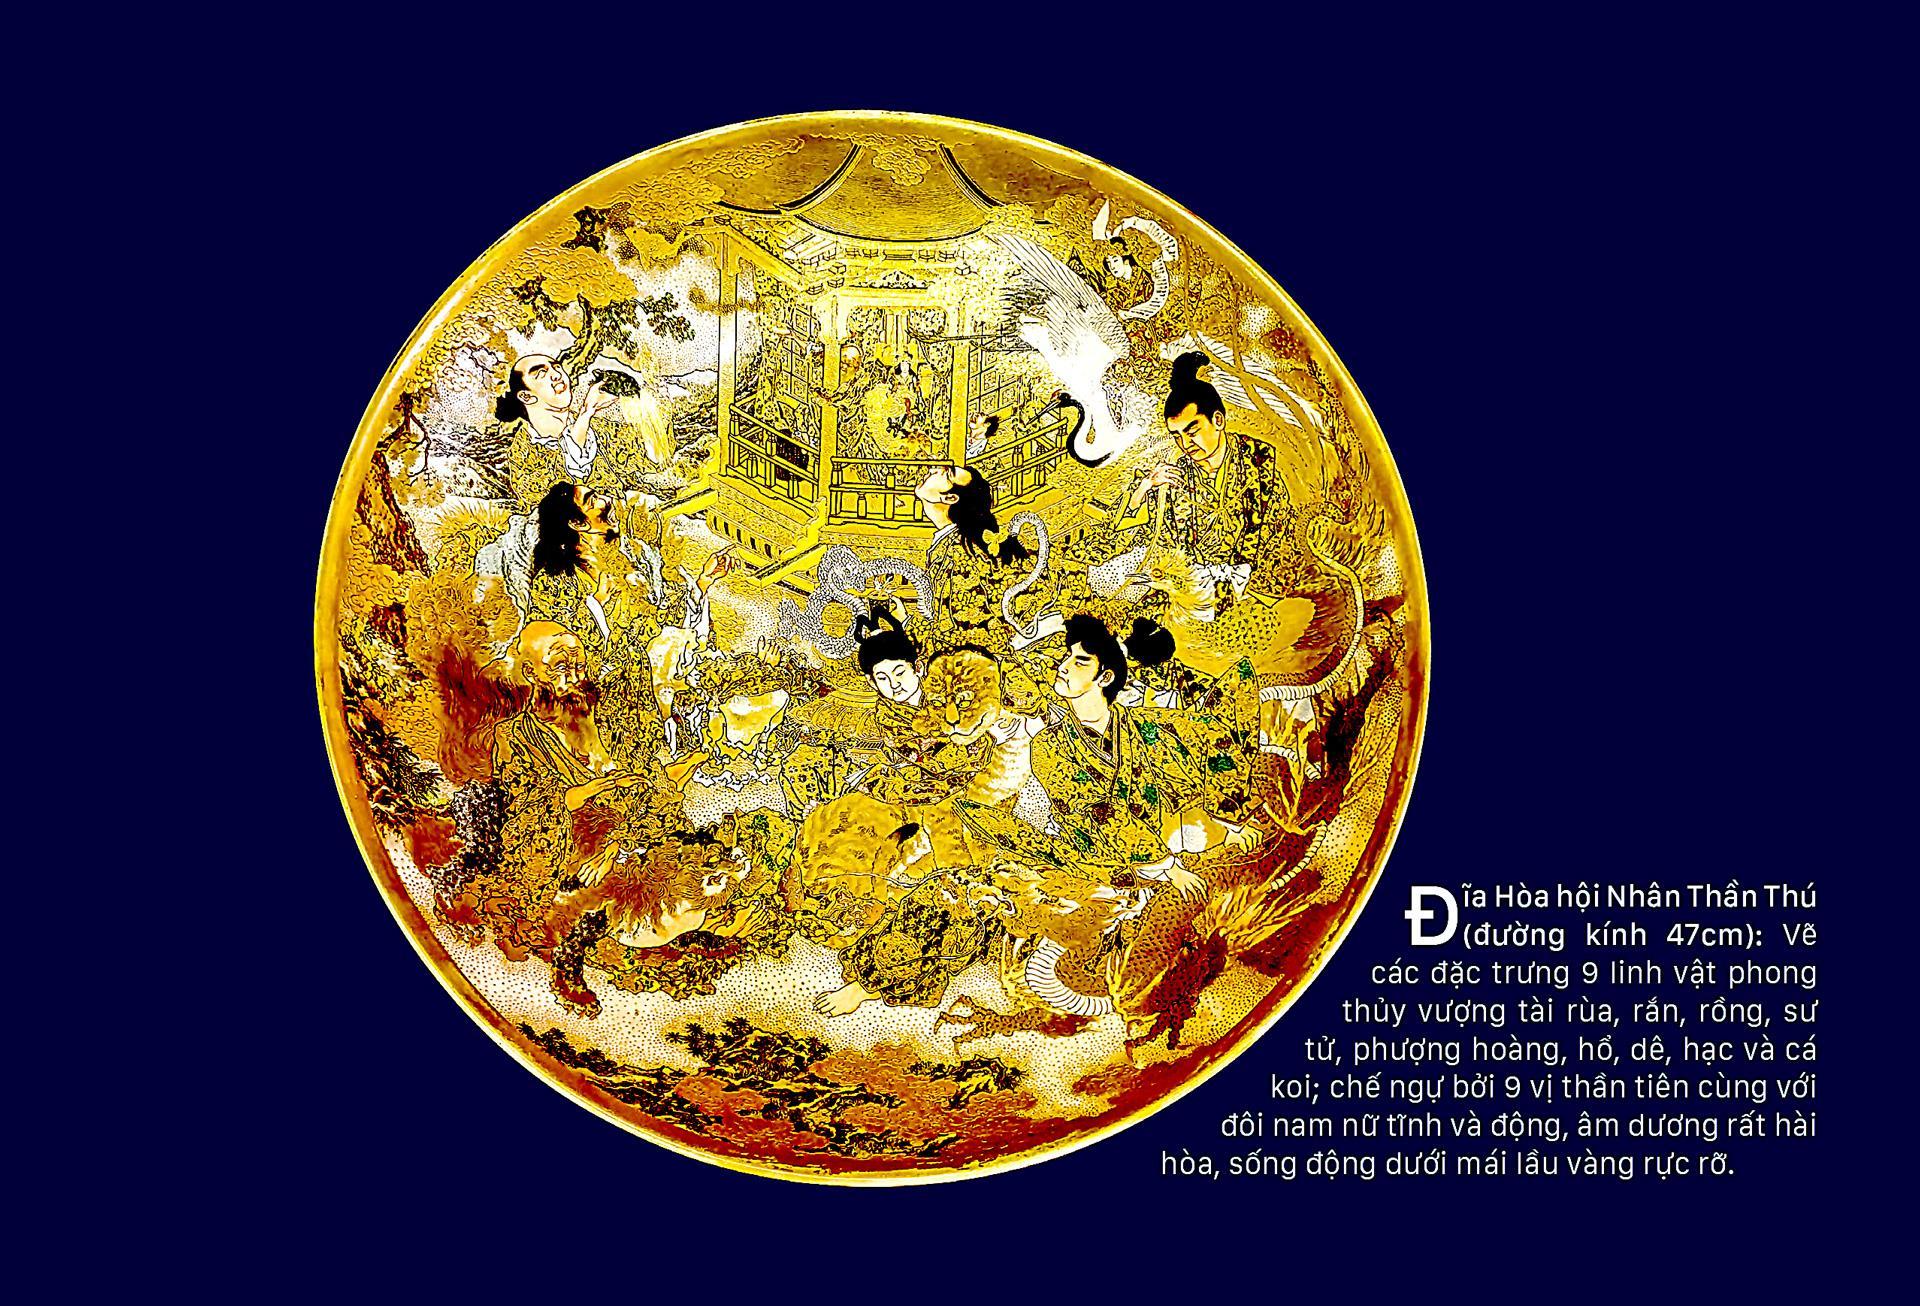 Tín ngưỡng phong thủy trên gốm Satsuma  ảnh 6